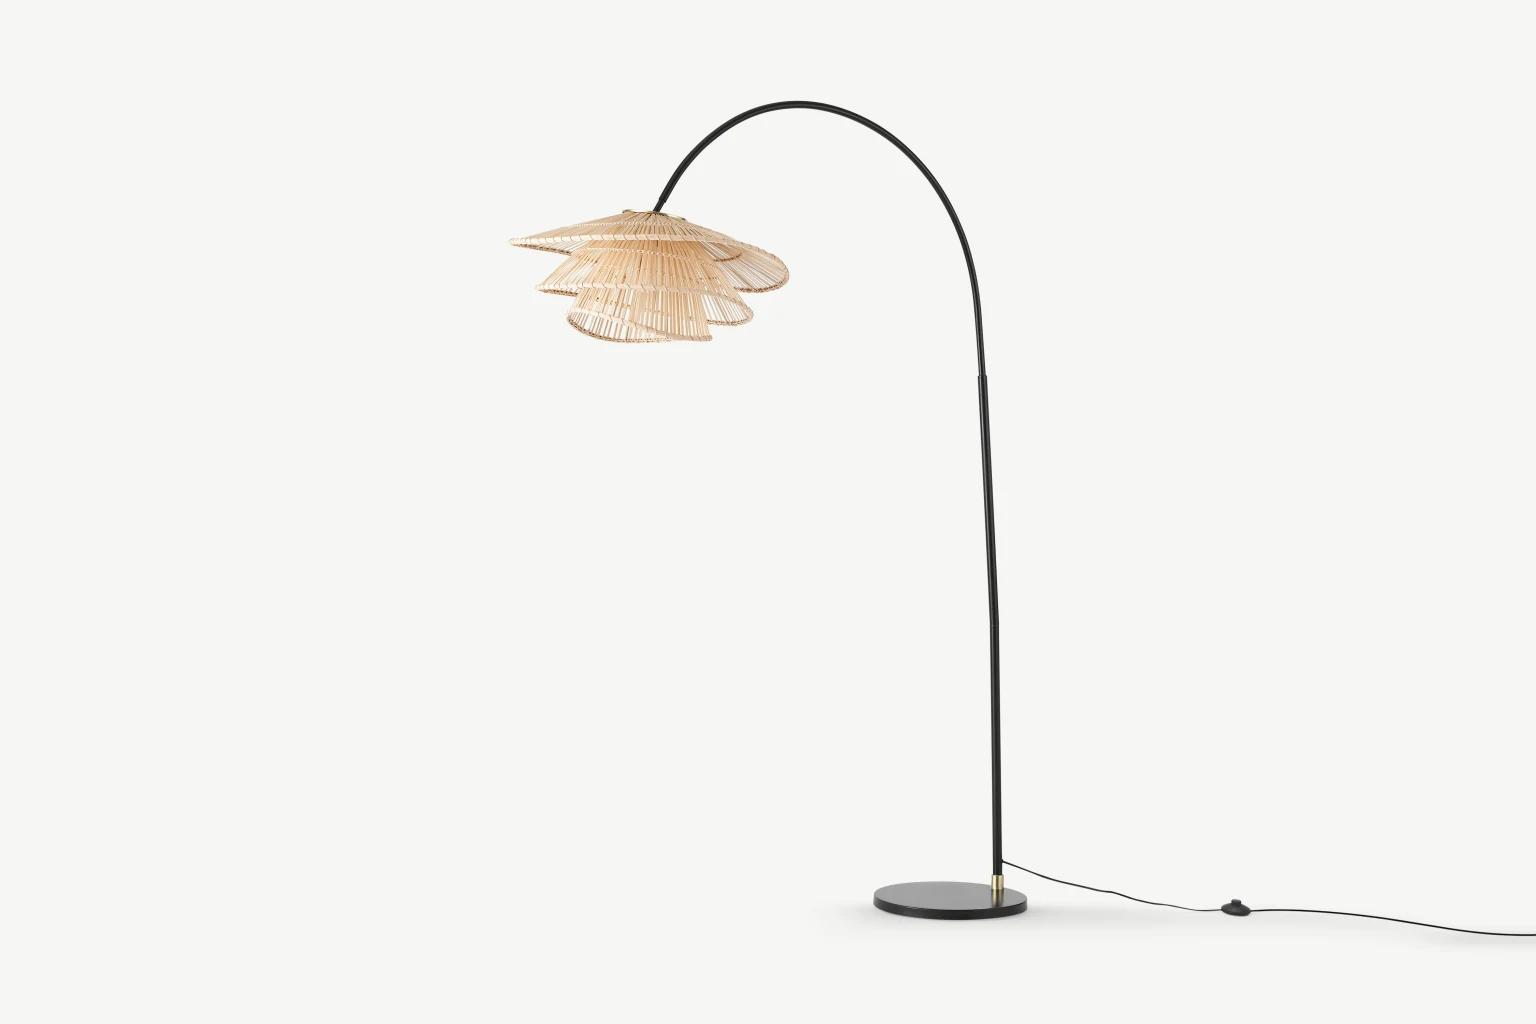 Lámpara de exterior trenzada con bambú